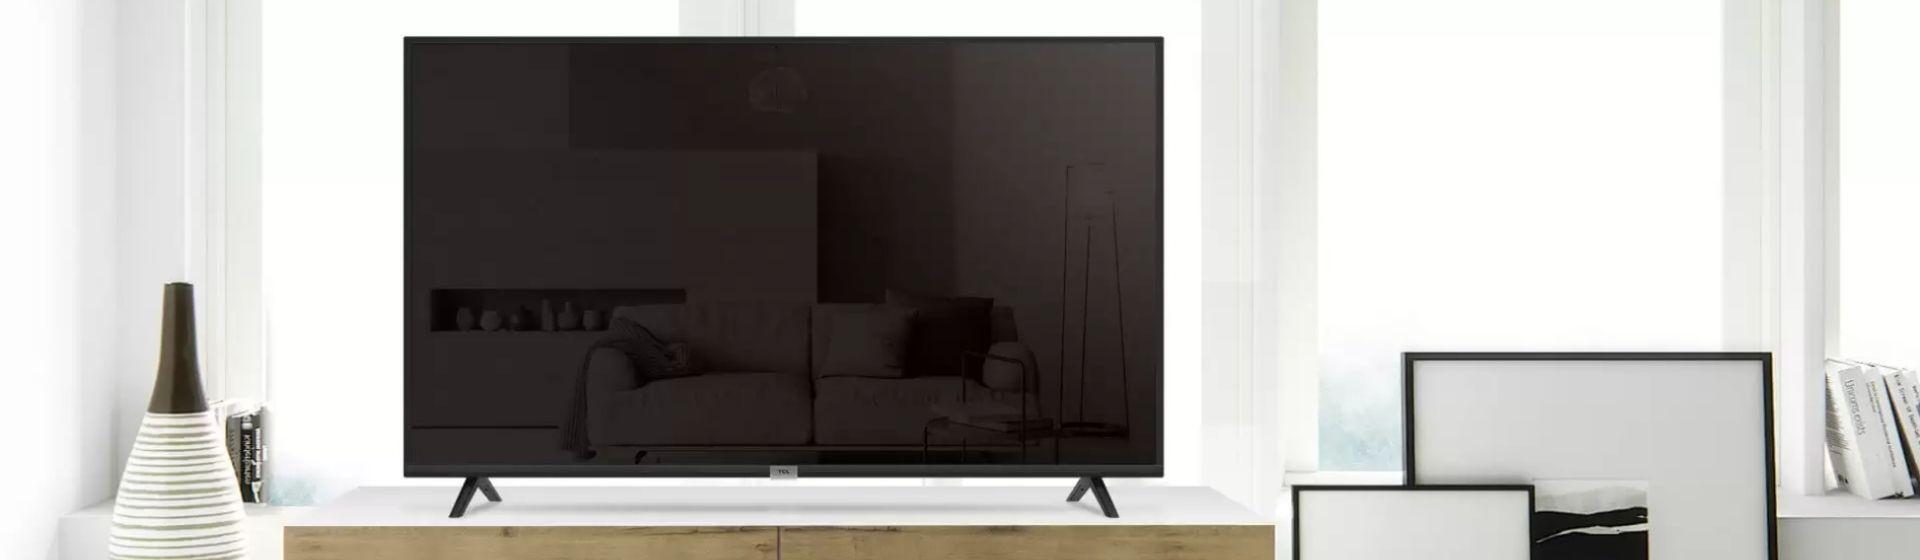 TVs mais vendidas em março 2021: Samsung domina o ranking